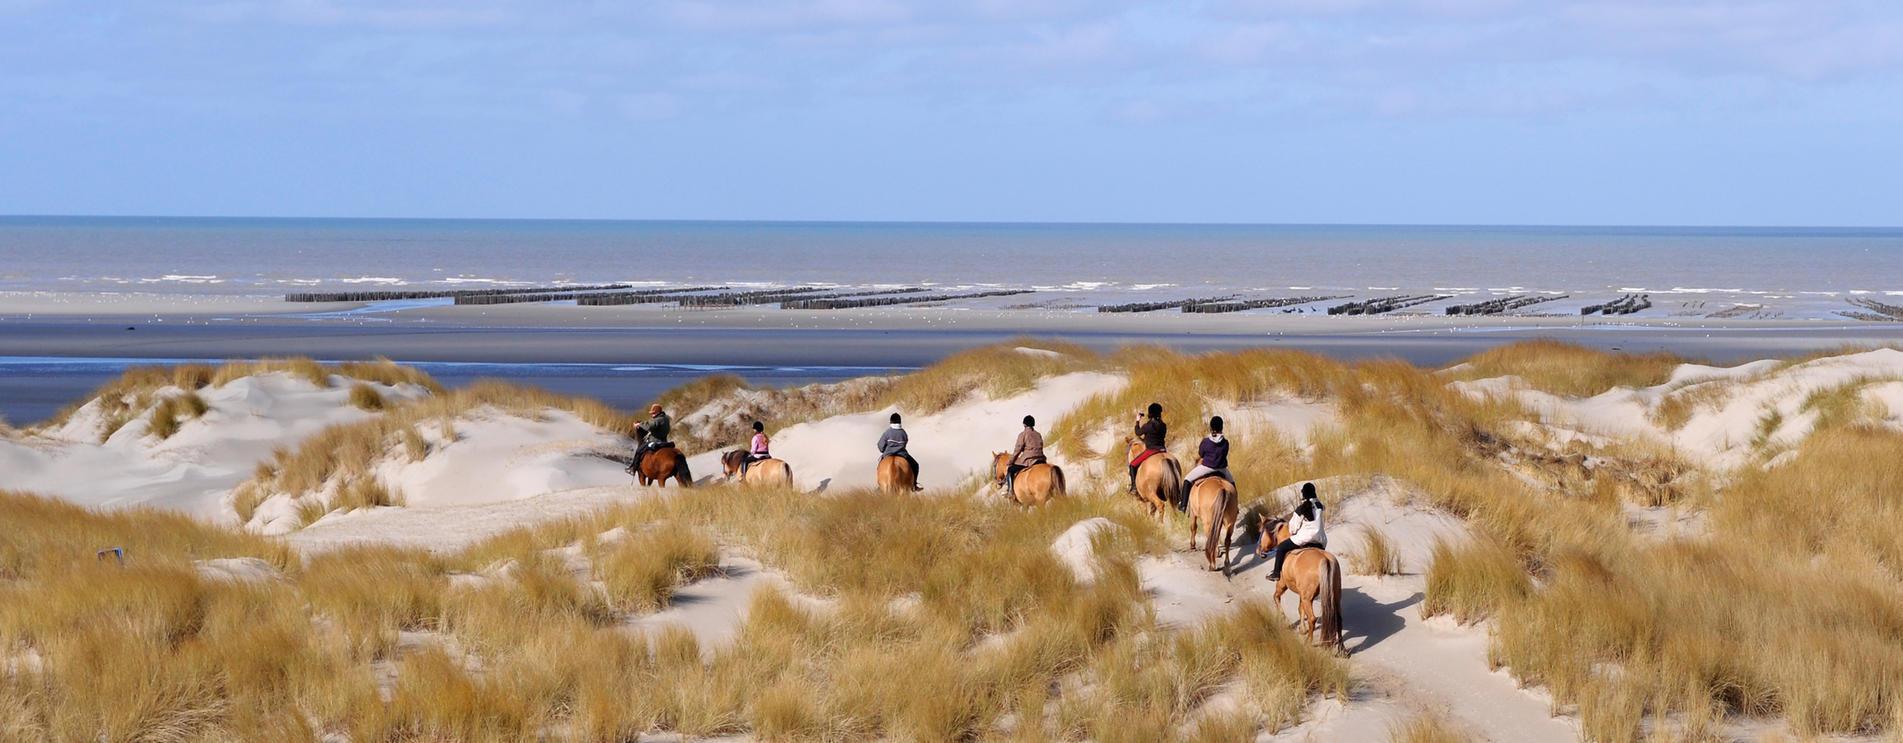 Henson equestrian centers